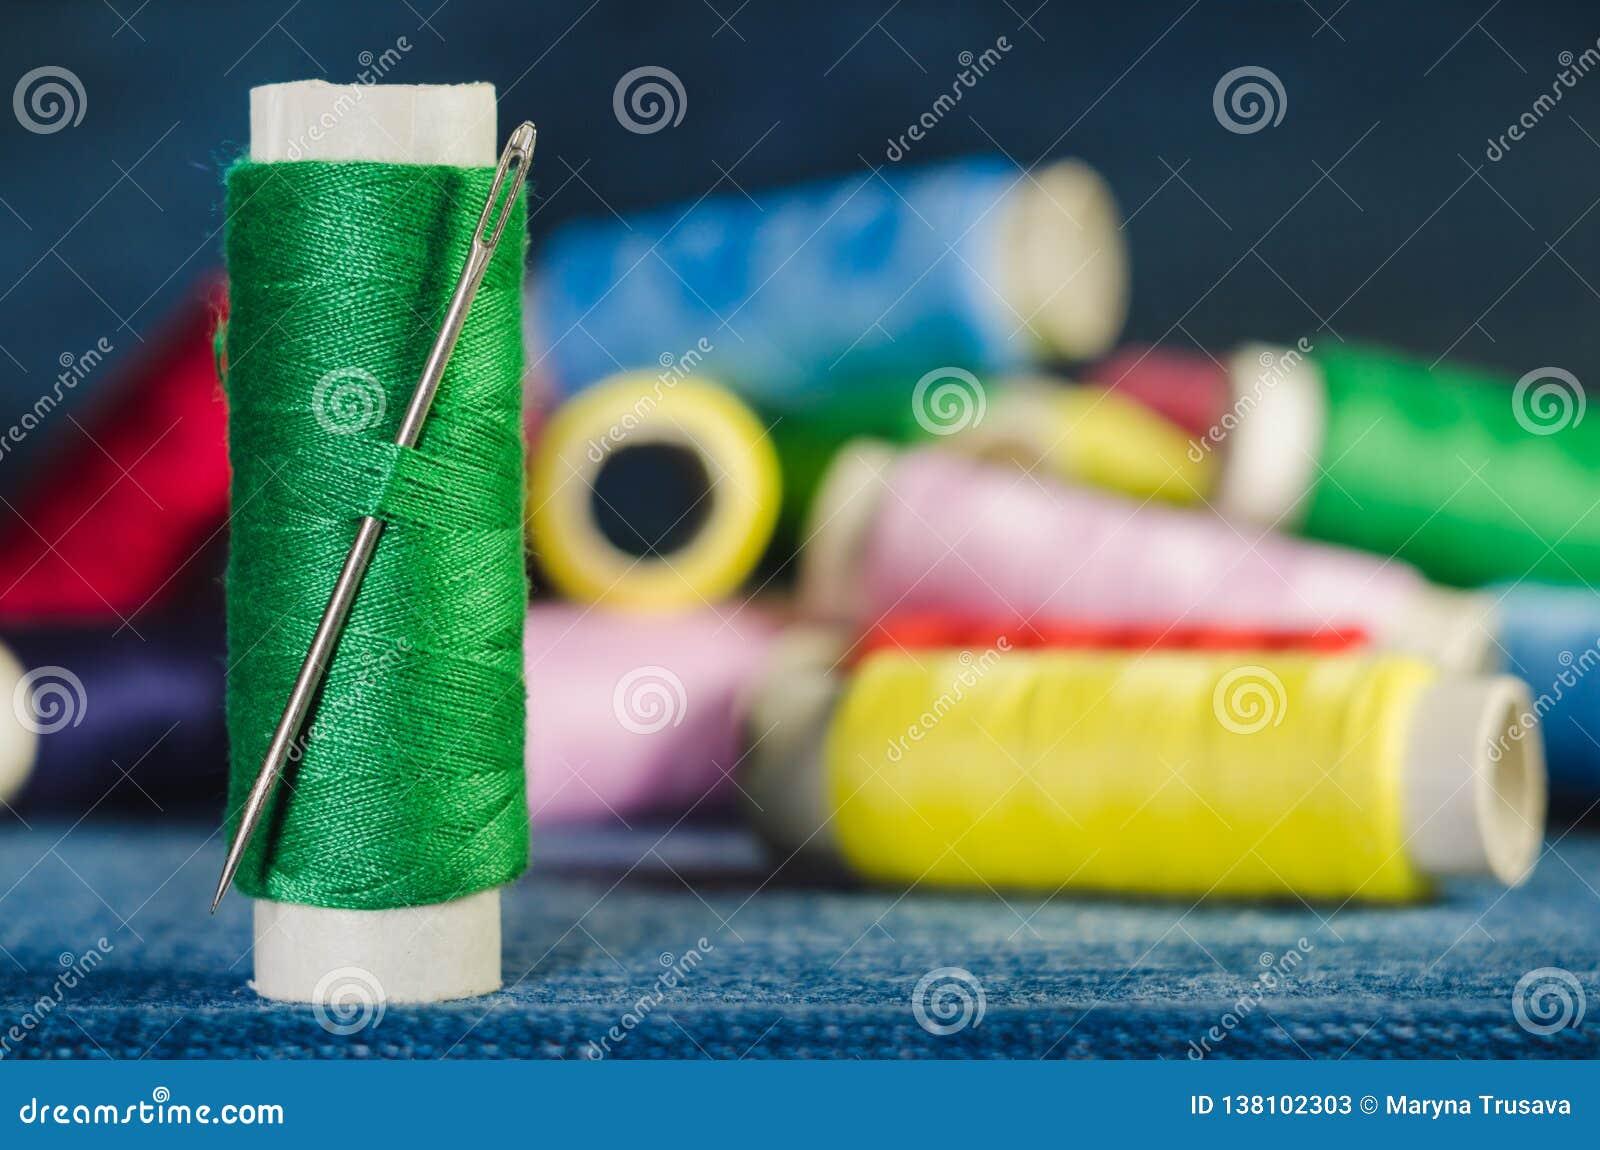 Spule des grünen Fadens mit einer Nadel auf dem Hintergrund von Spulen von farbigen Faden auf einem Denim, Nahaufnahme